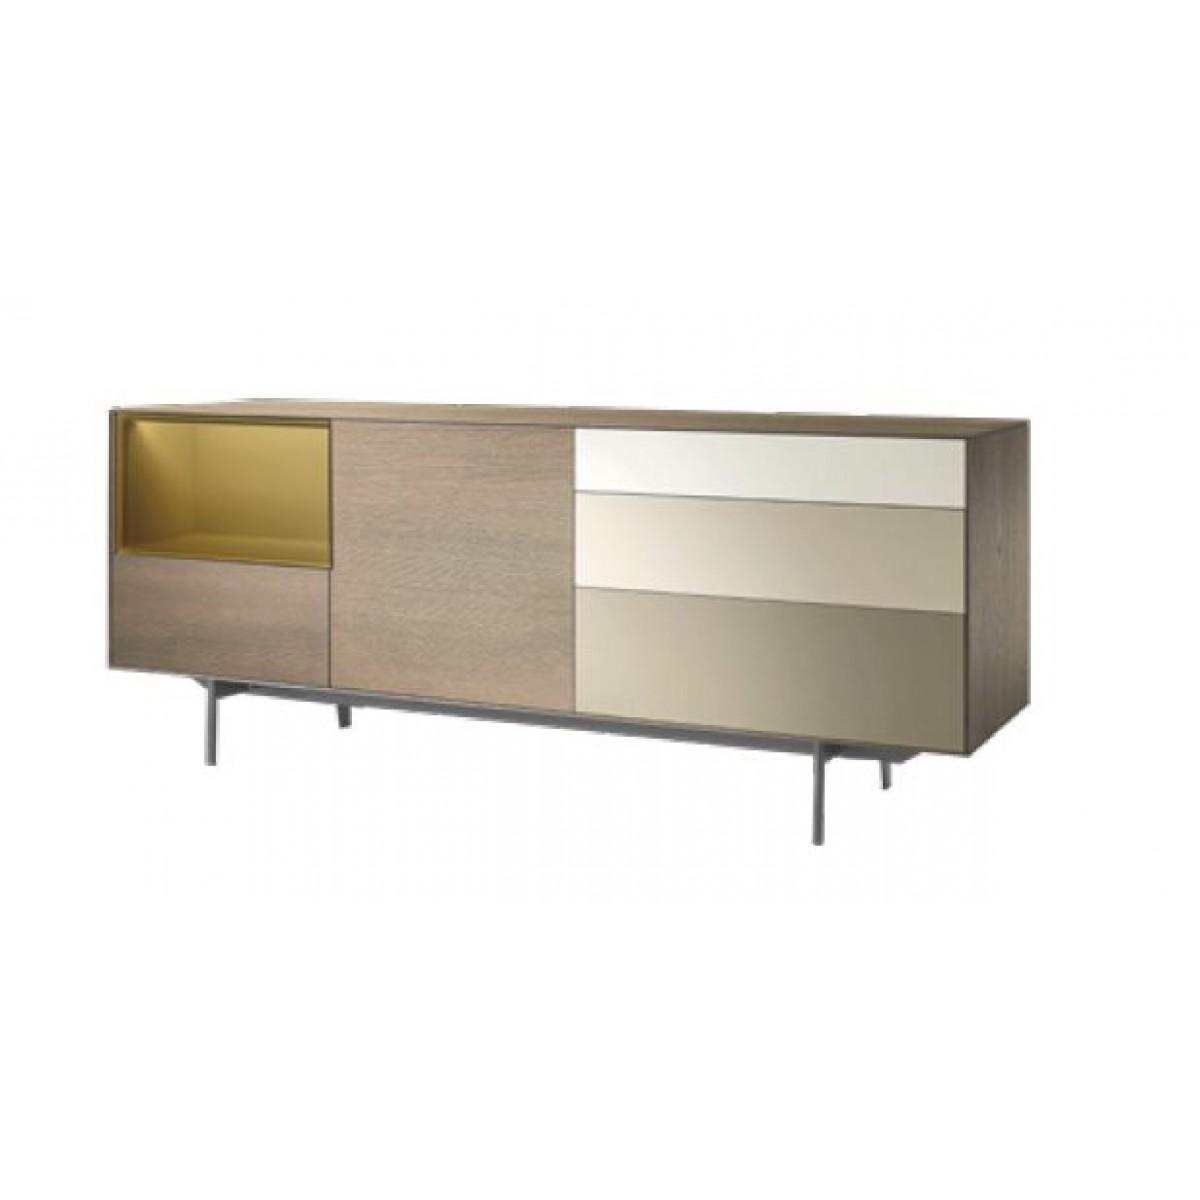 sideboard-sokkel-dressoir-bloom-eiken-BL5-miltonhouse-plint-hangend-metalen-pootstel